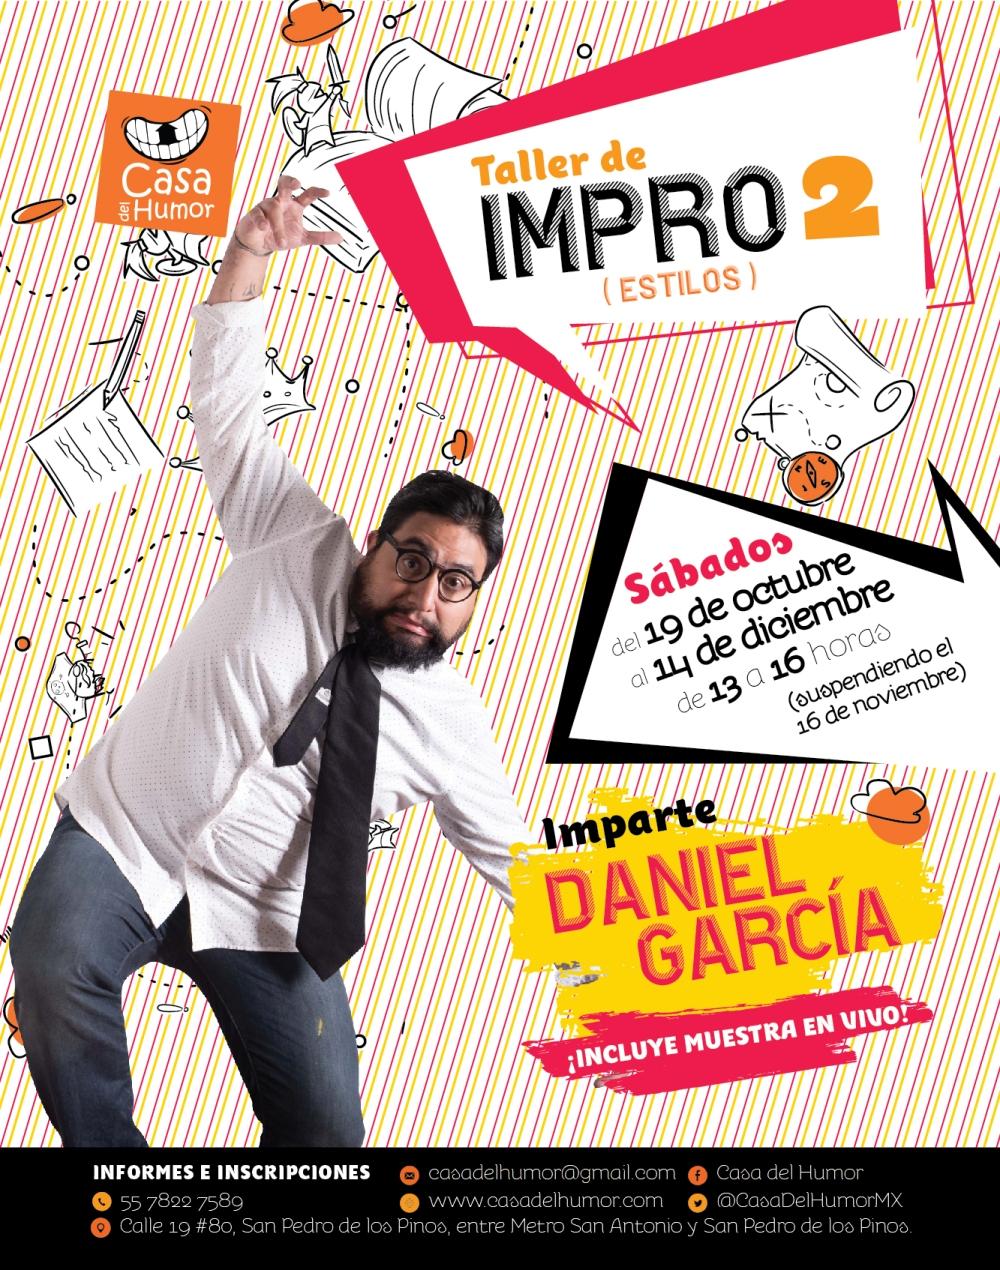 Casa_del_humor_impro2_daniel_garcia_OCT_DIC-01